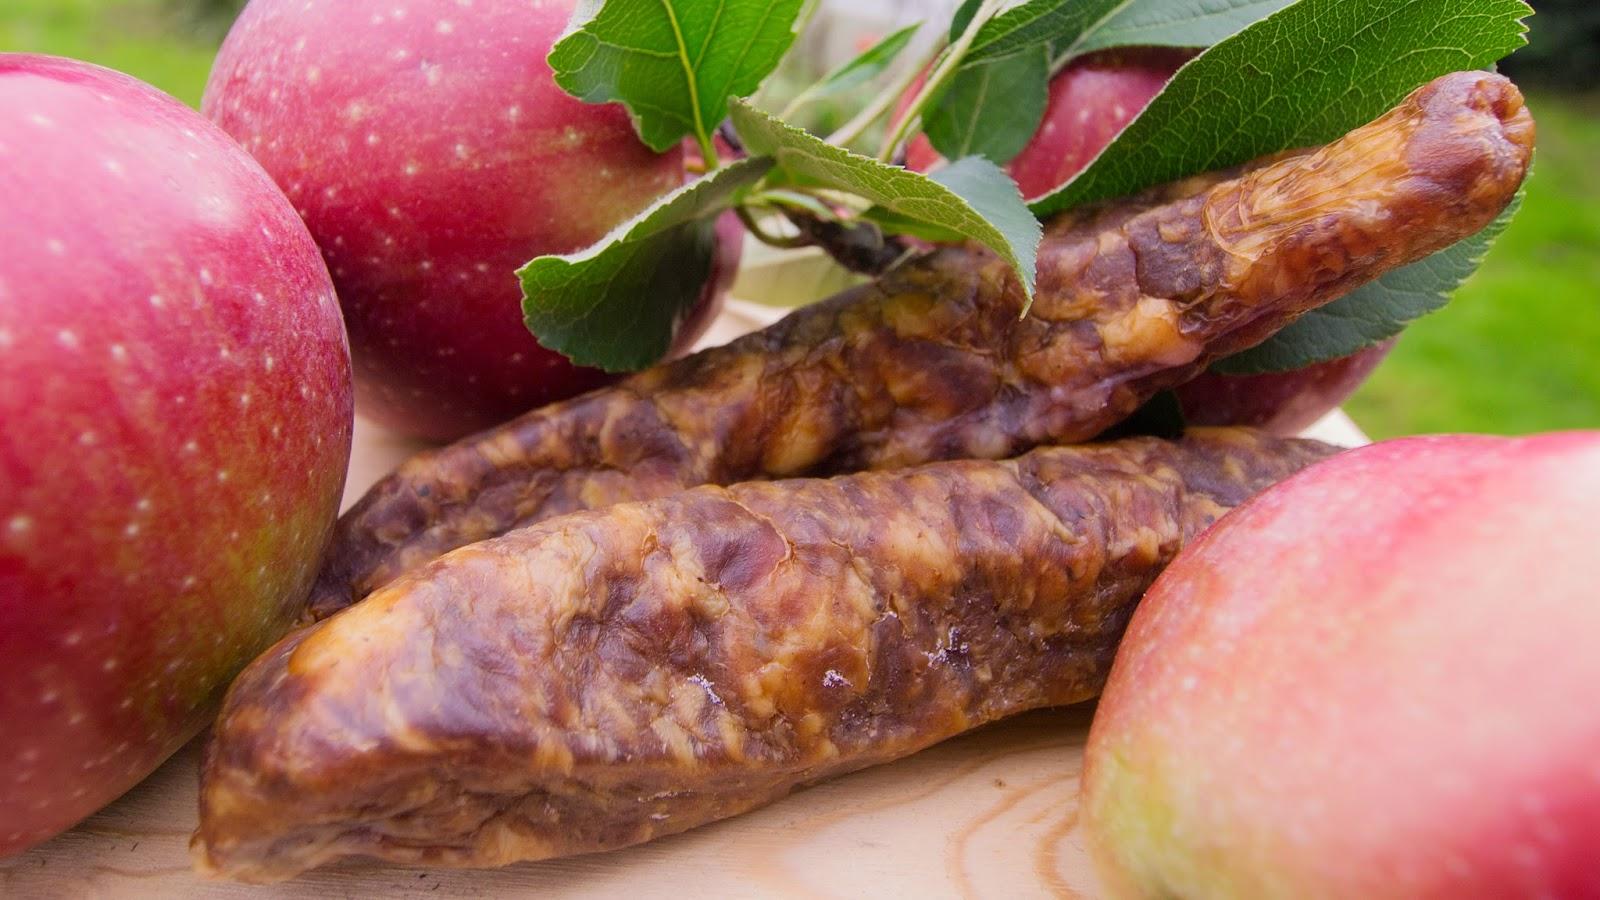 salsiccia secca slovena